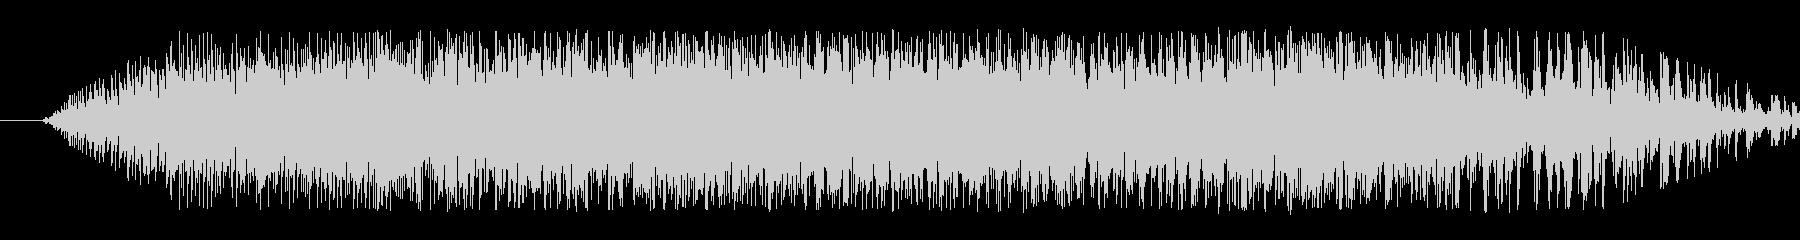 翼竜の鳴き声(クアーッ)の未再生の波形